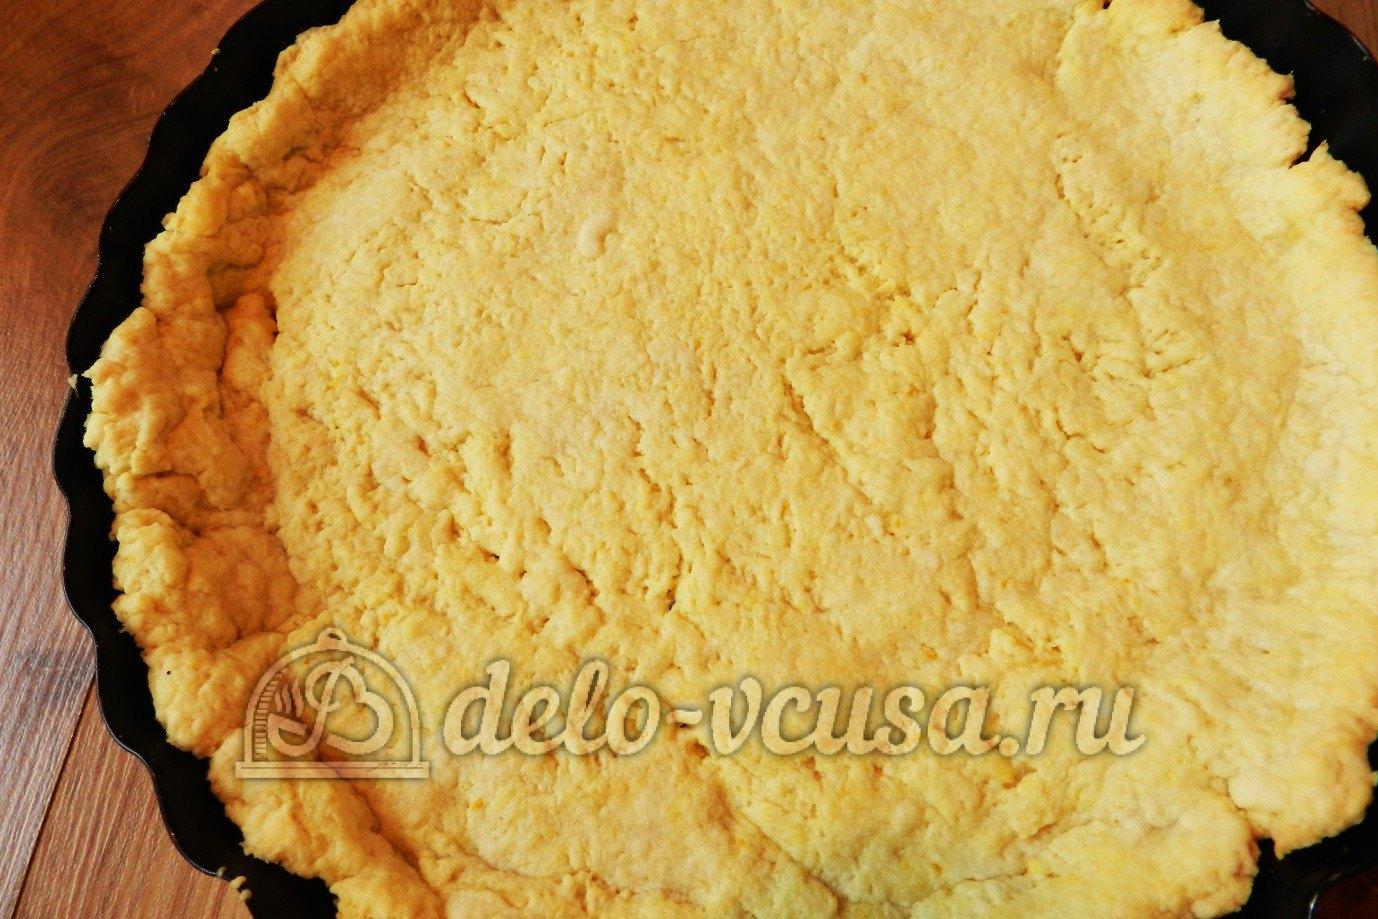 Песочный пирог с творогом рецепт пошагово для мультиварки